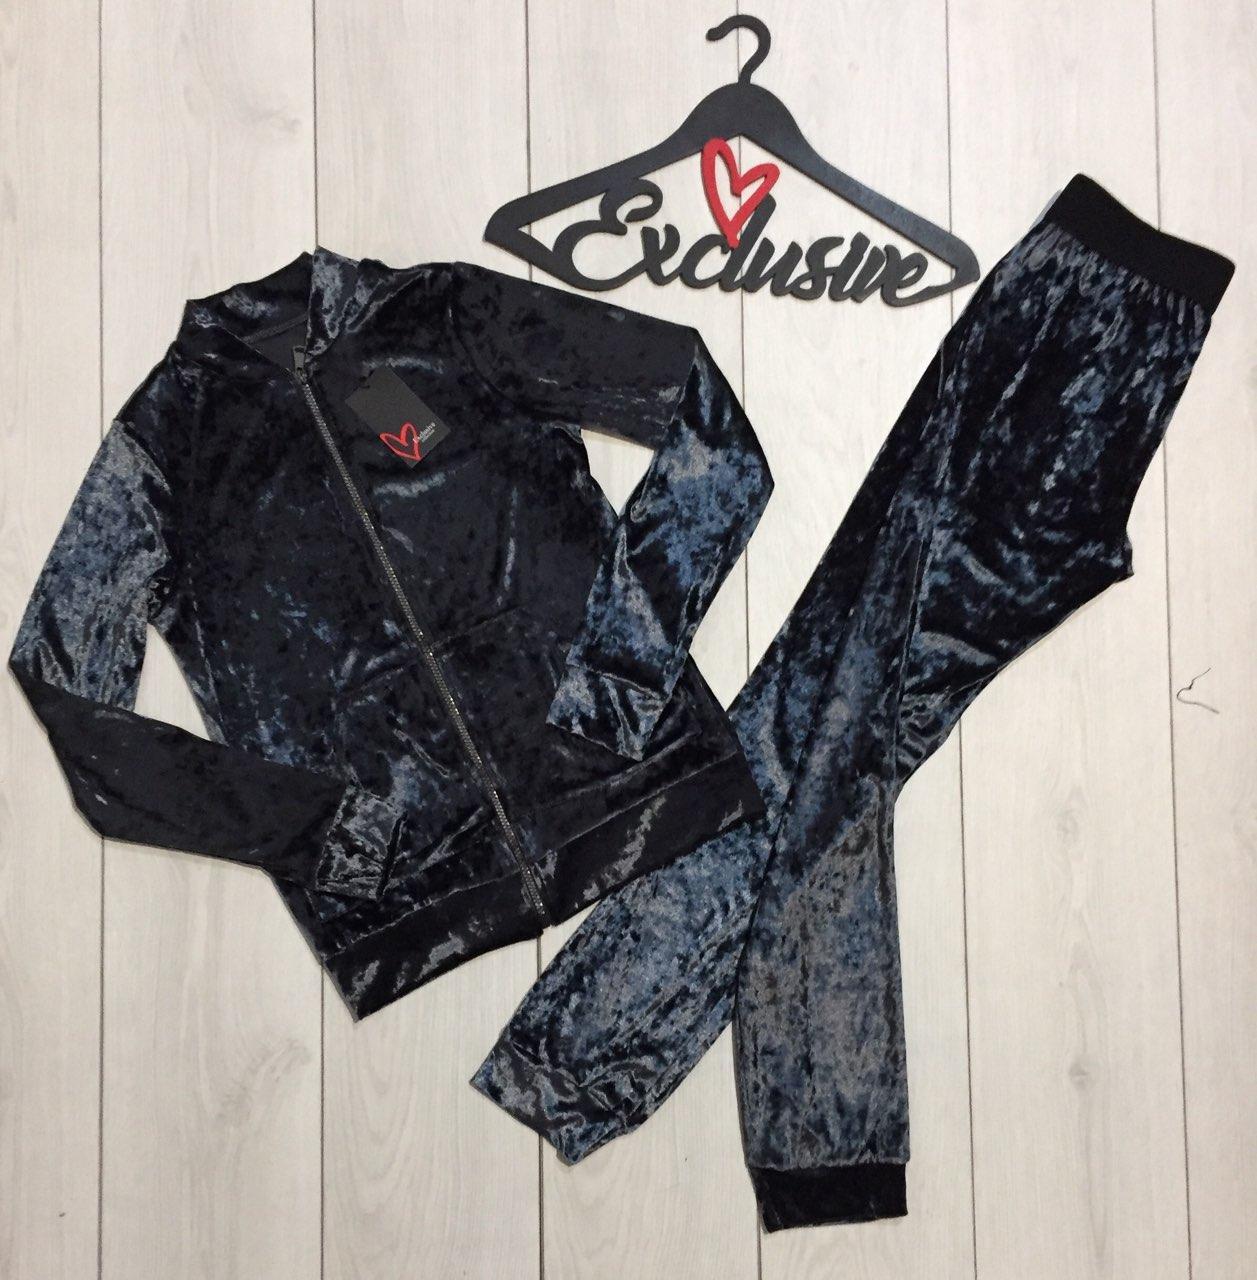 027ac2441ec8 Велюровый костюм модный штаны и кофта 069, женские спортивные костюмы.